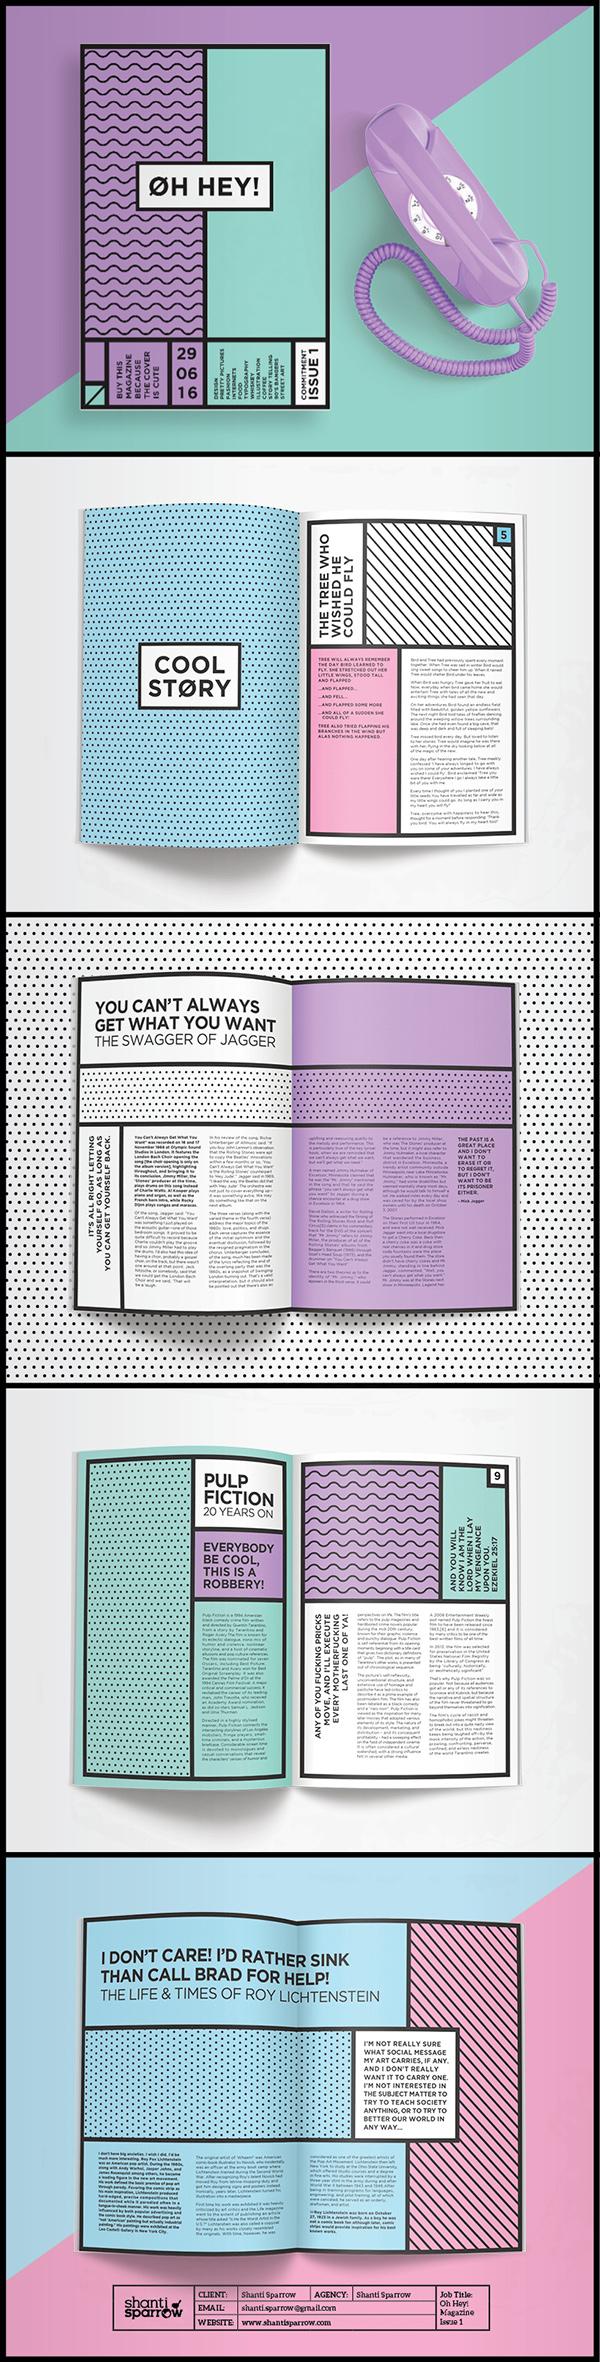 有美感的26款雜誌文字排版欣賞